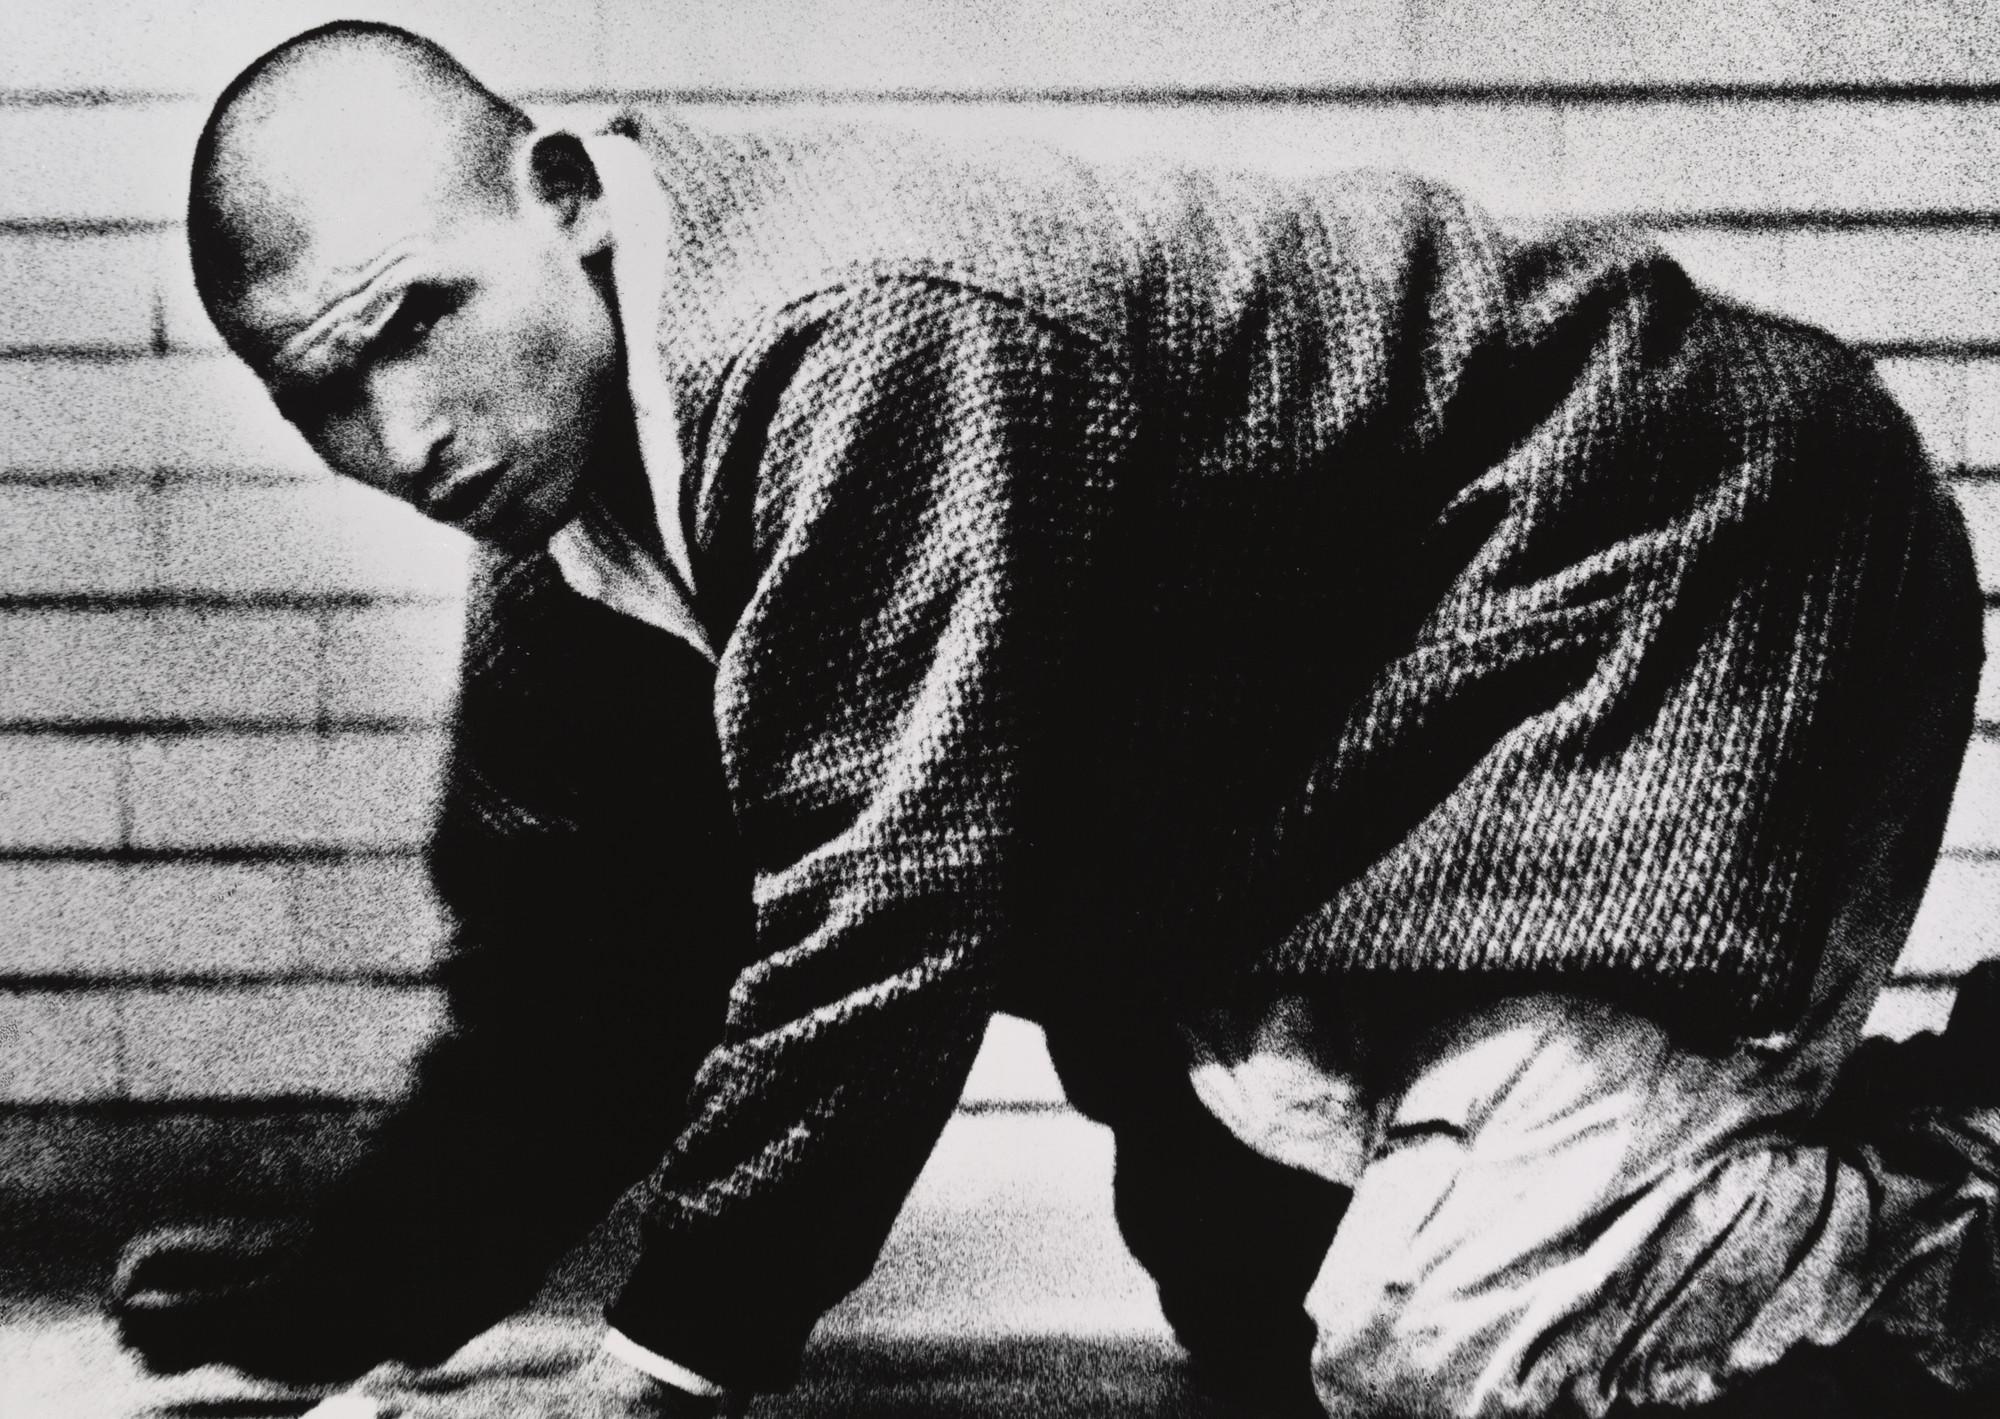 Daido Moriyama. Crippled Beggar, Tokyo. 1965 | MoMA